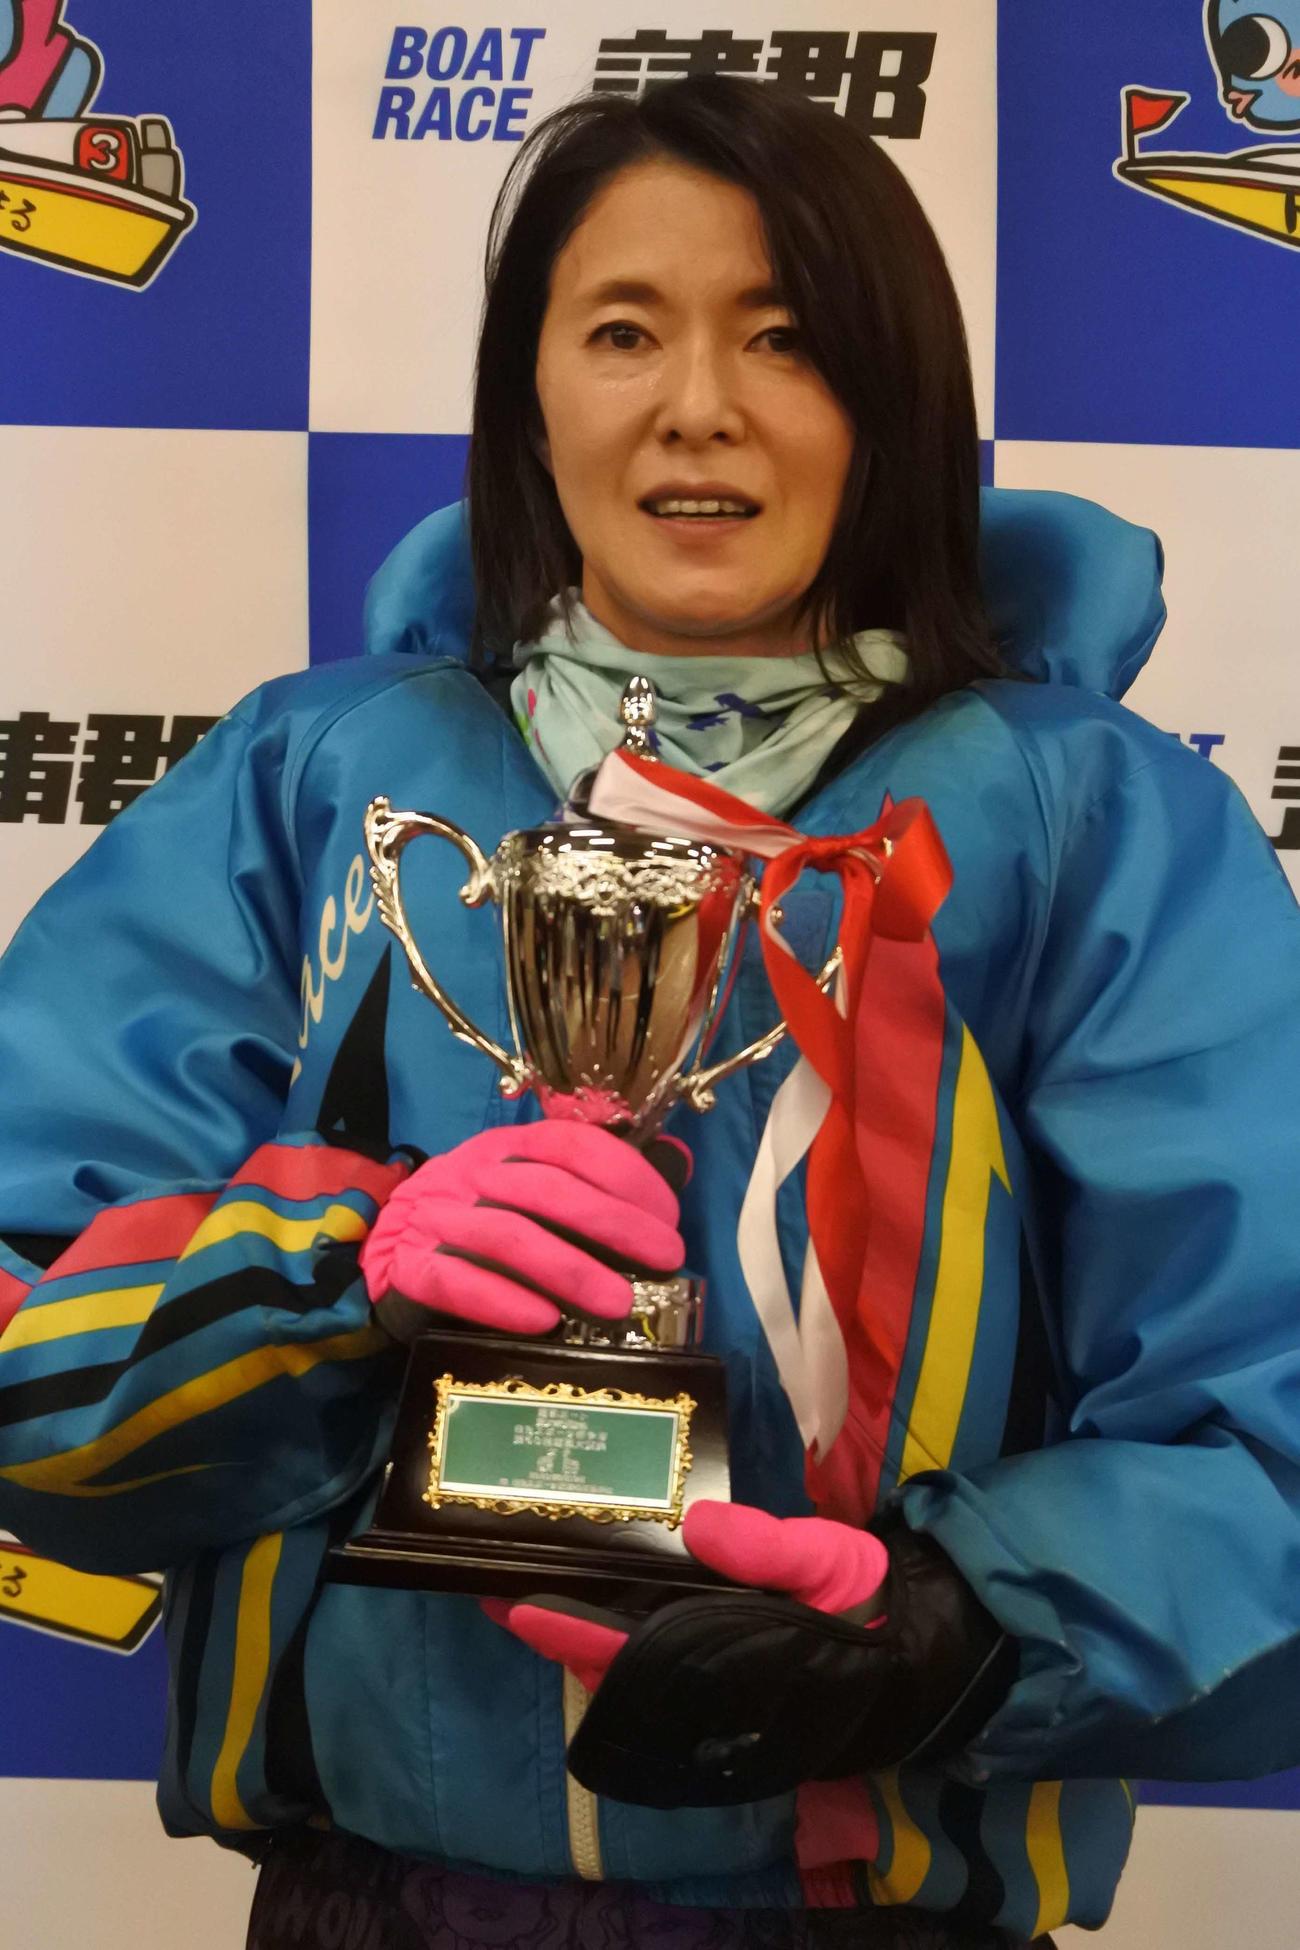 池田浩美が約3年4カ月ぶりに優勝を飾り、復活をアピールした